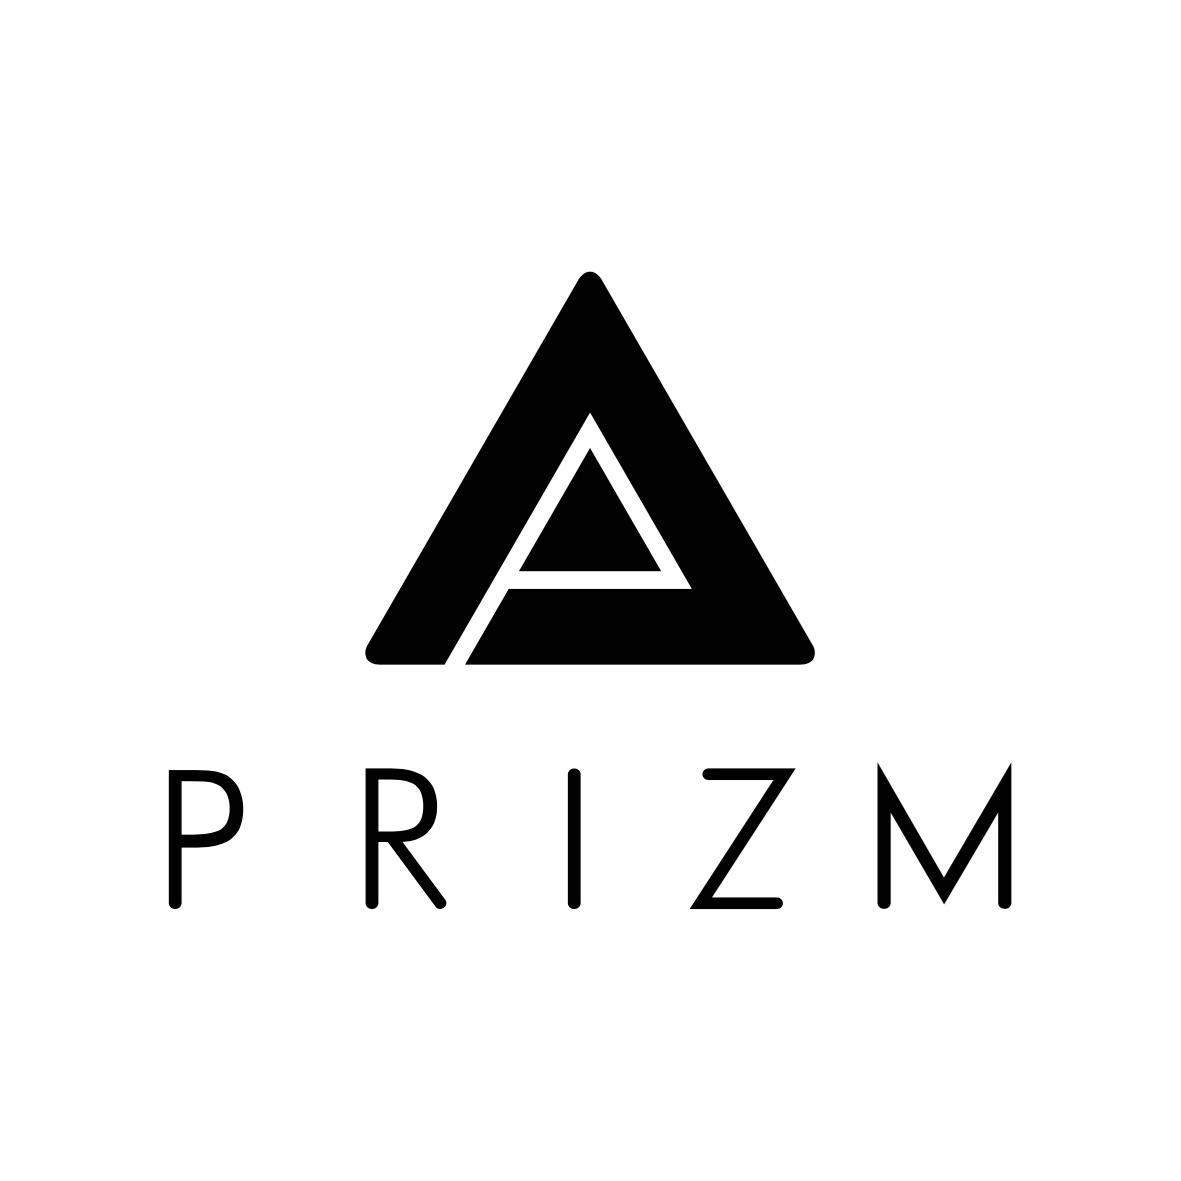 Prizm_black.jpg